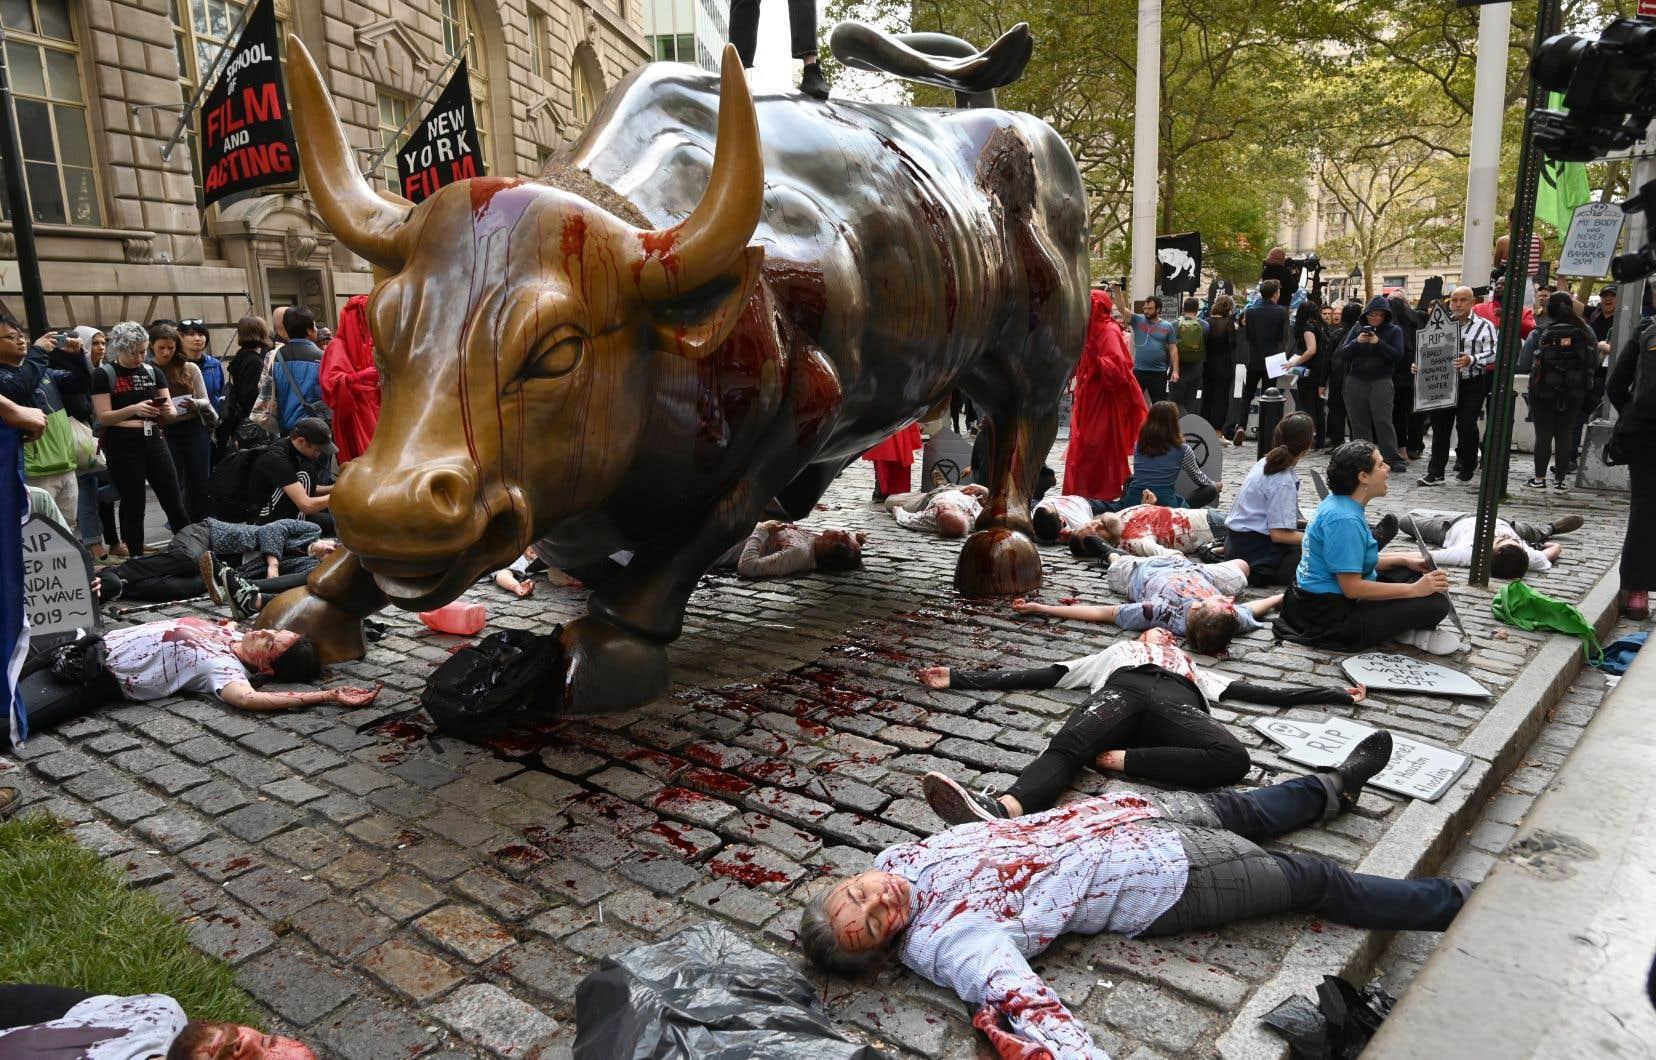 Des manifestants ont fait le mort au pied du taureau de Wall Street.